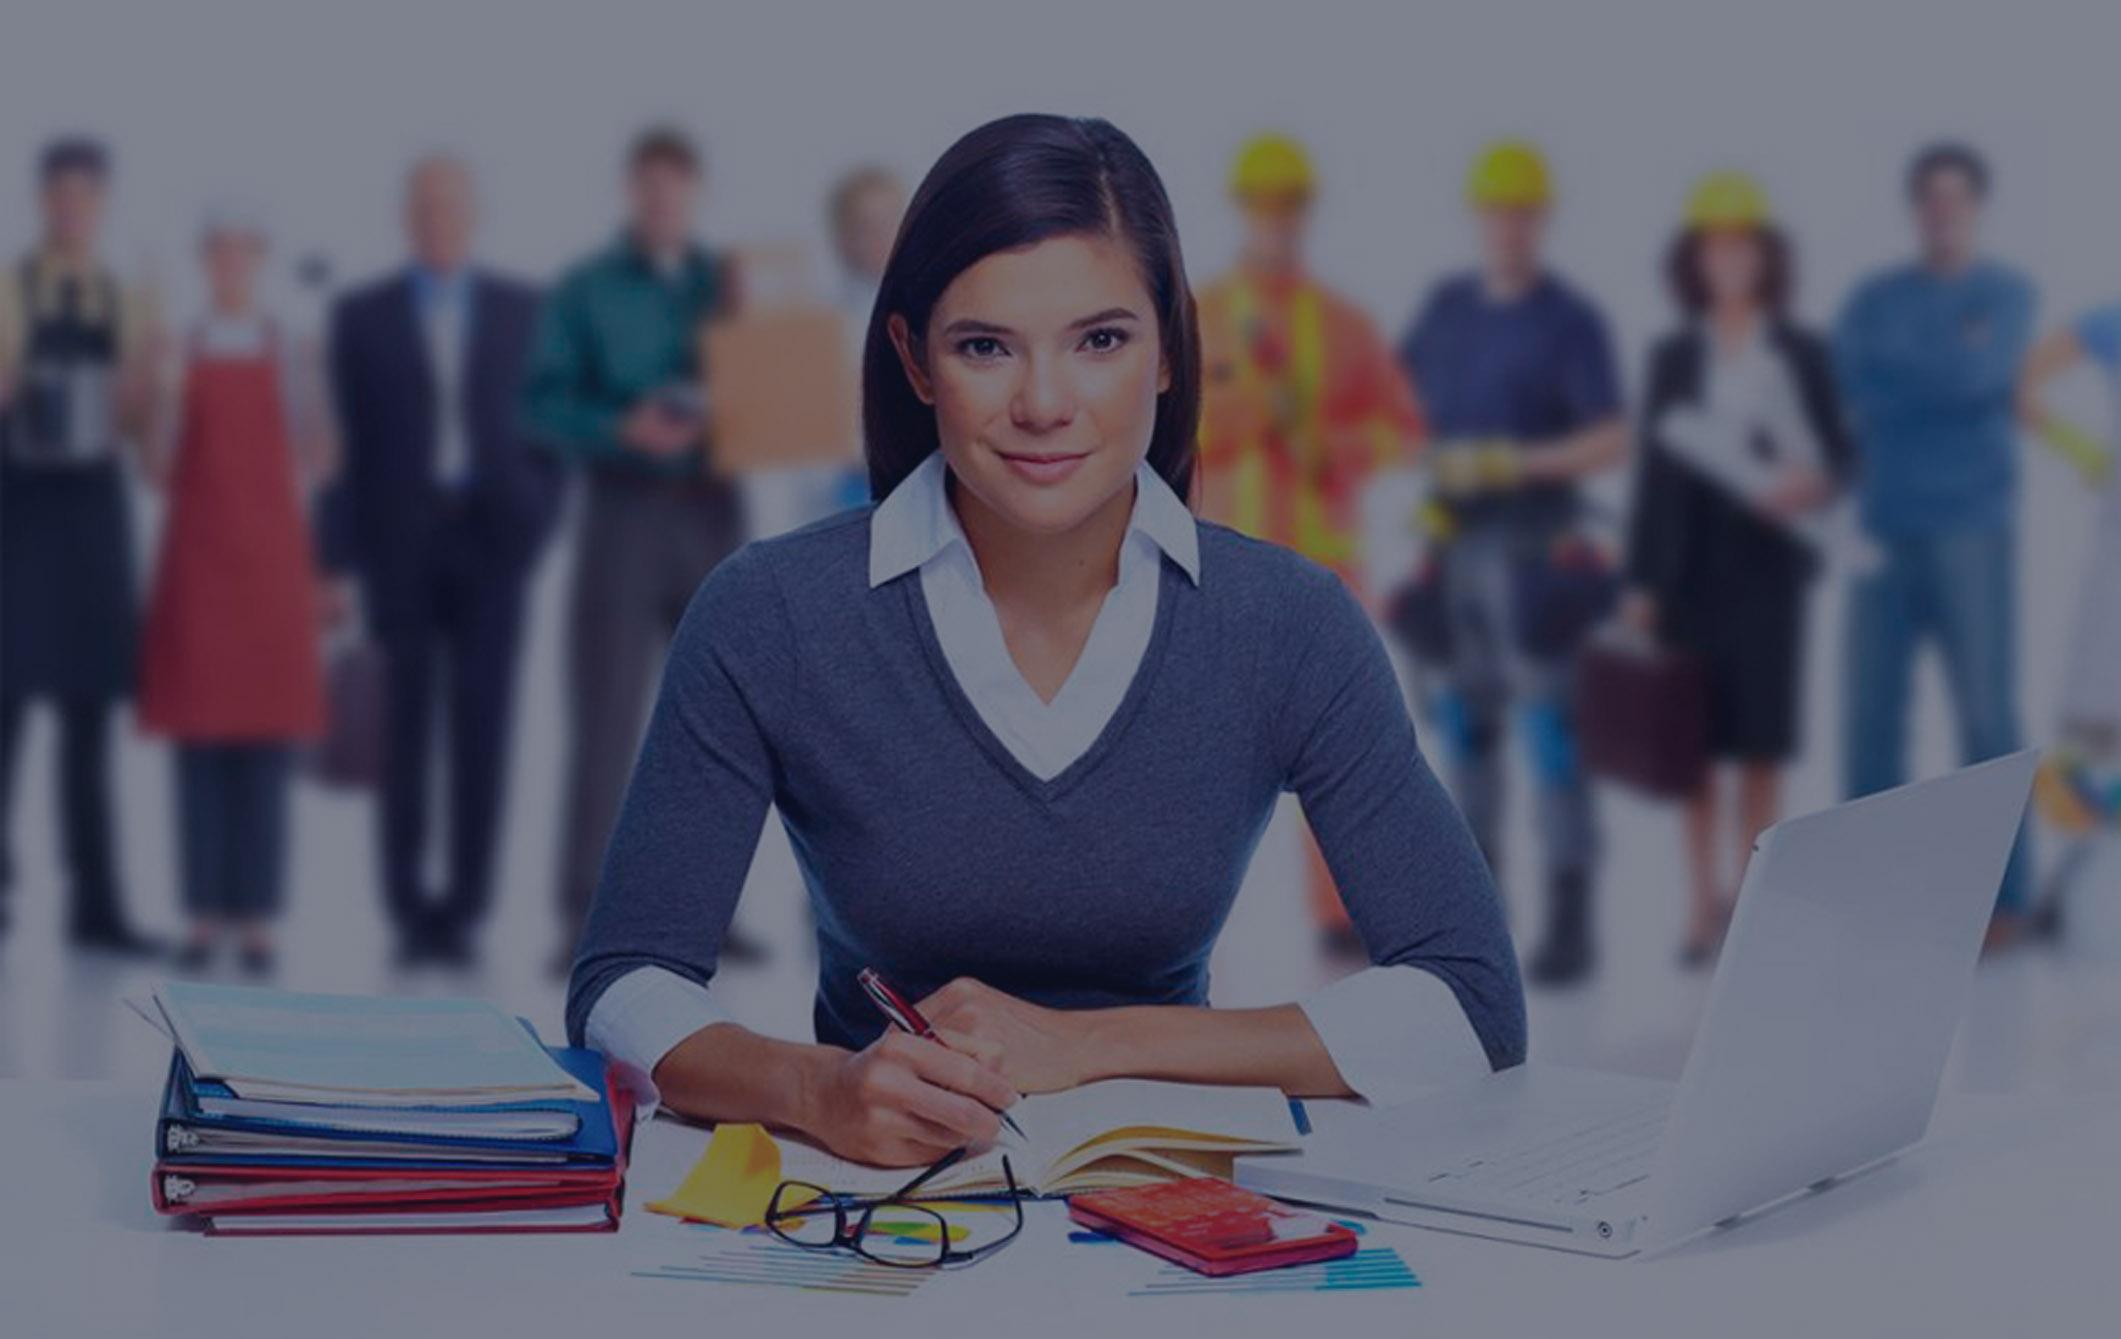 Нормирование и управление численностью персонала для повышения производительности труда